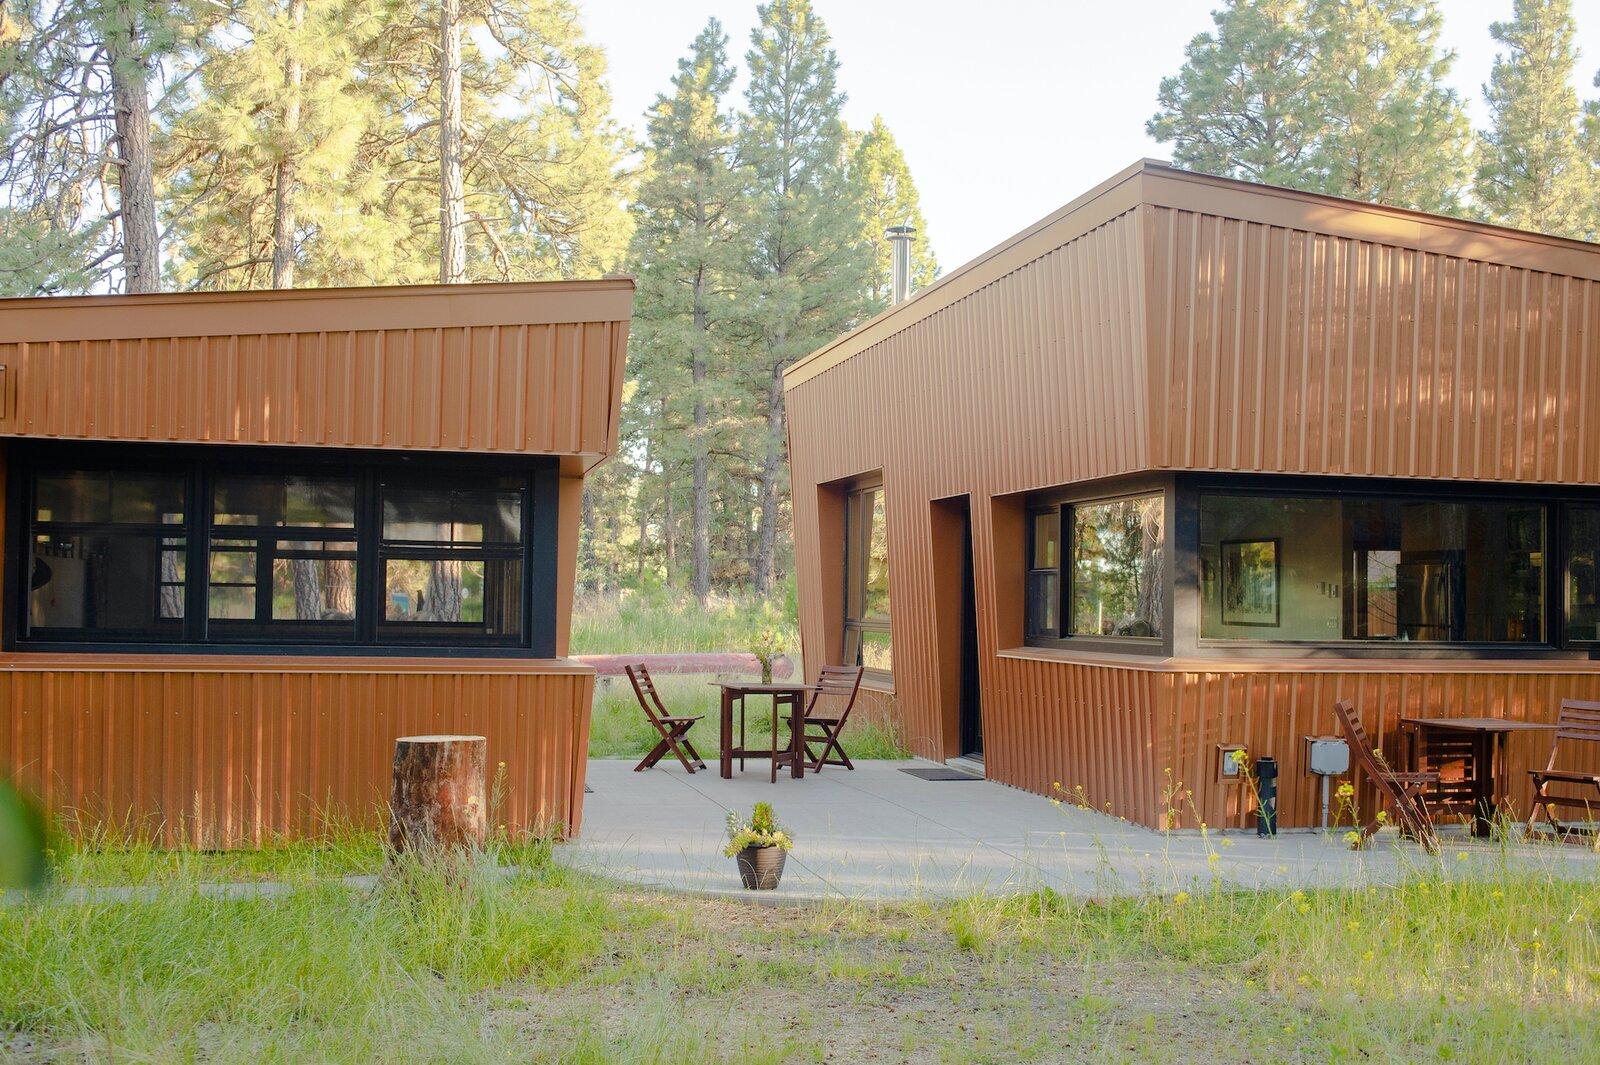 Exterior of Treegazer cabin